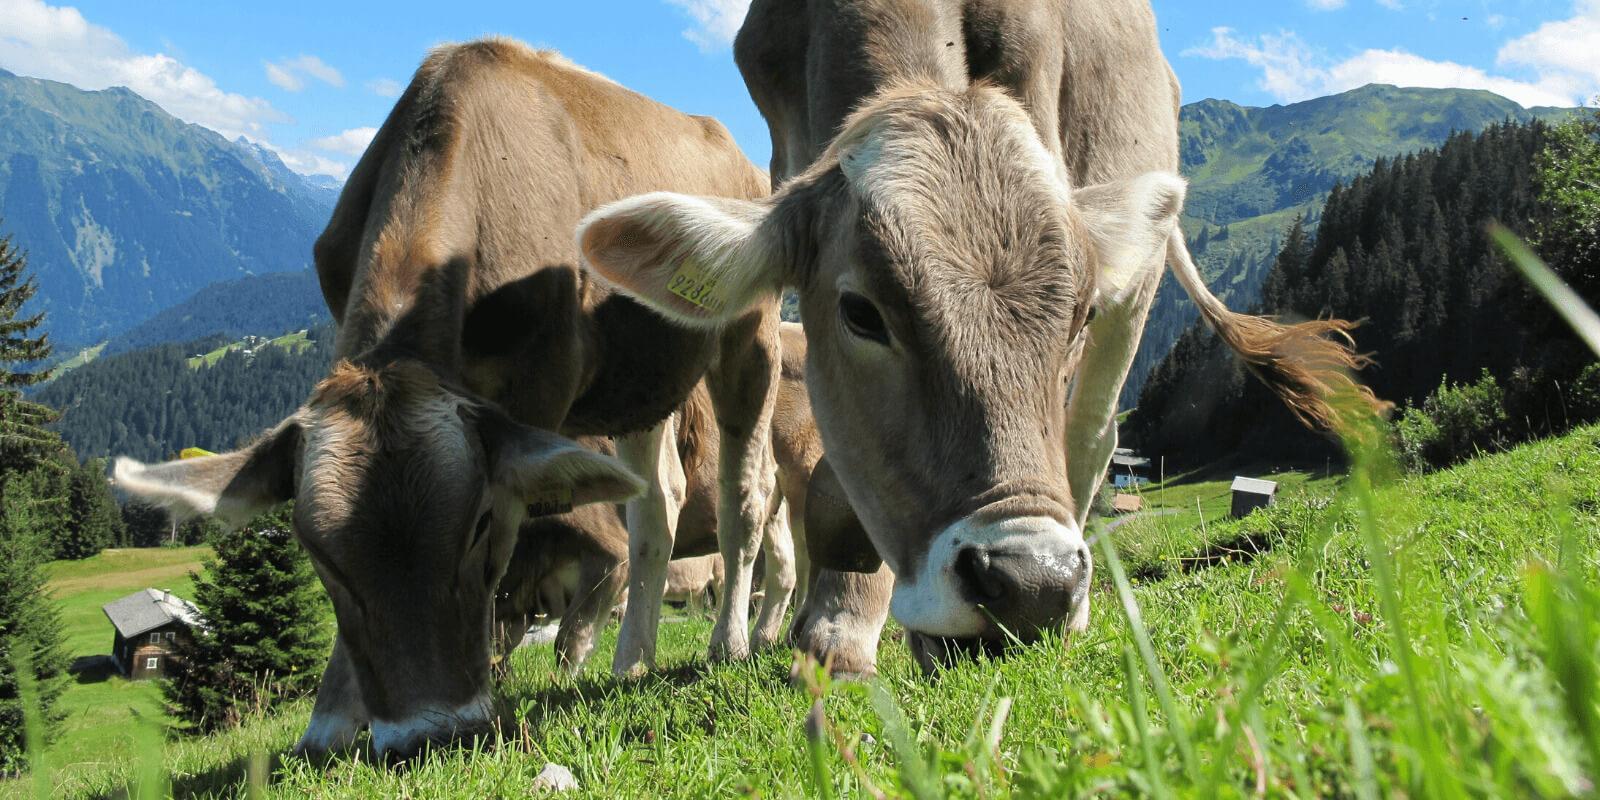 Bovinos são herbívoros e sua carne é segura para o consumo